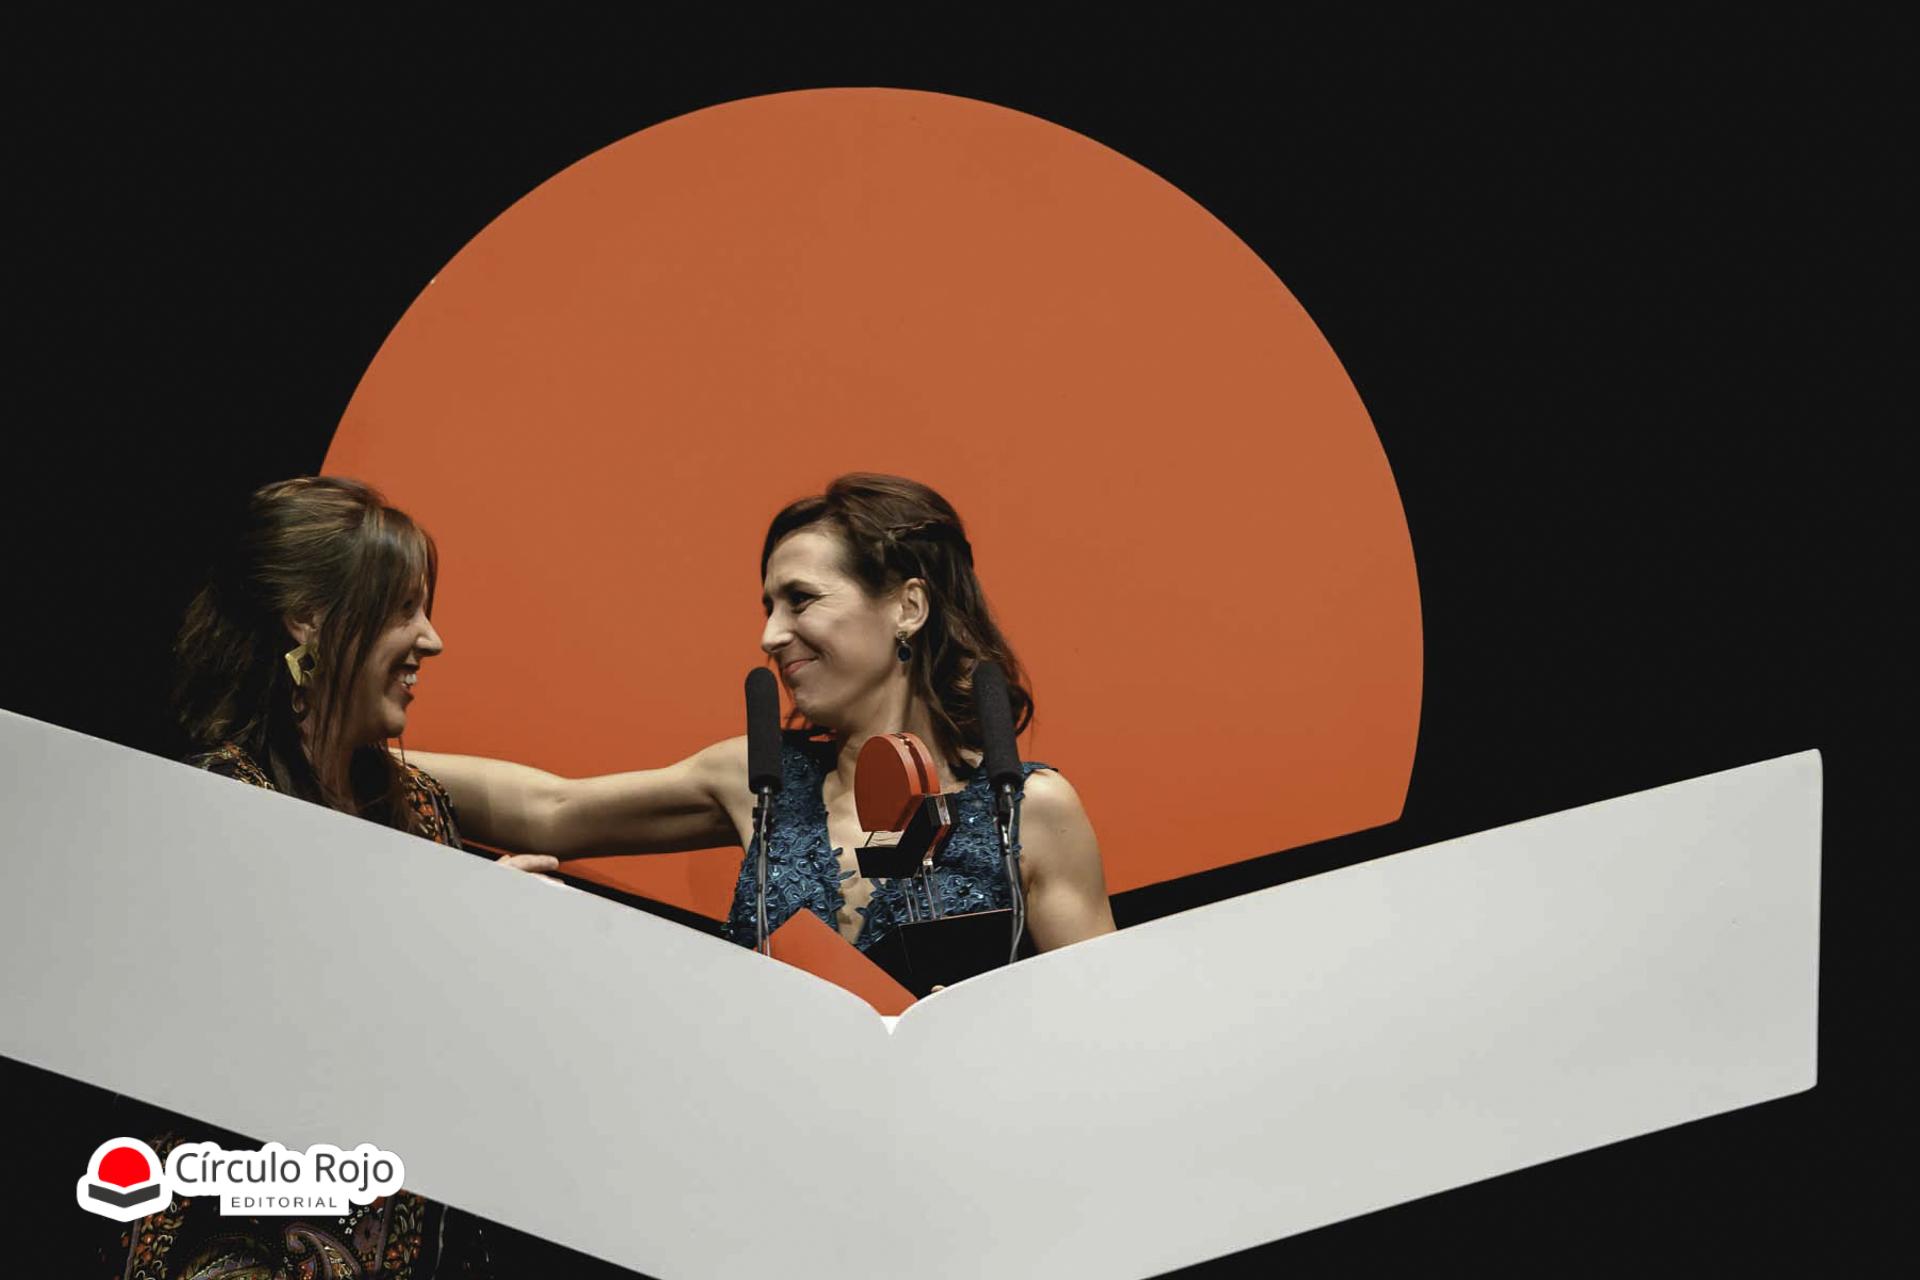 Entrevista a ganadores de los Premios Círculo Rojo 2019: El dragón blanco